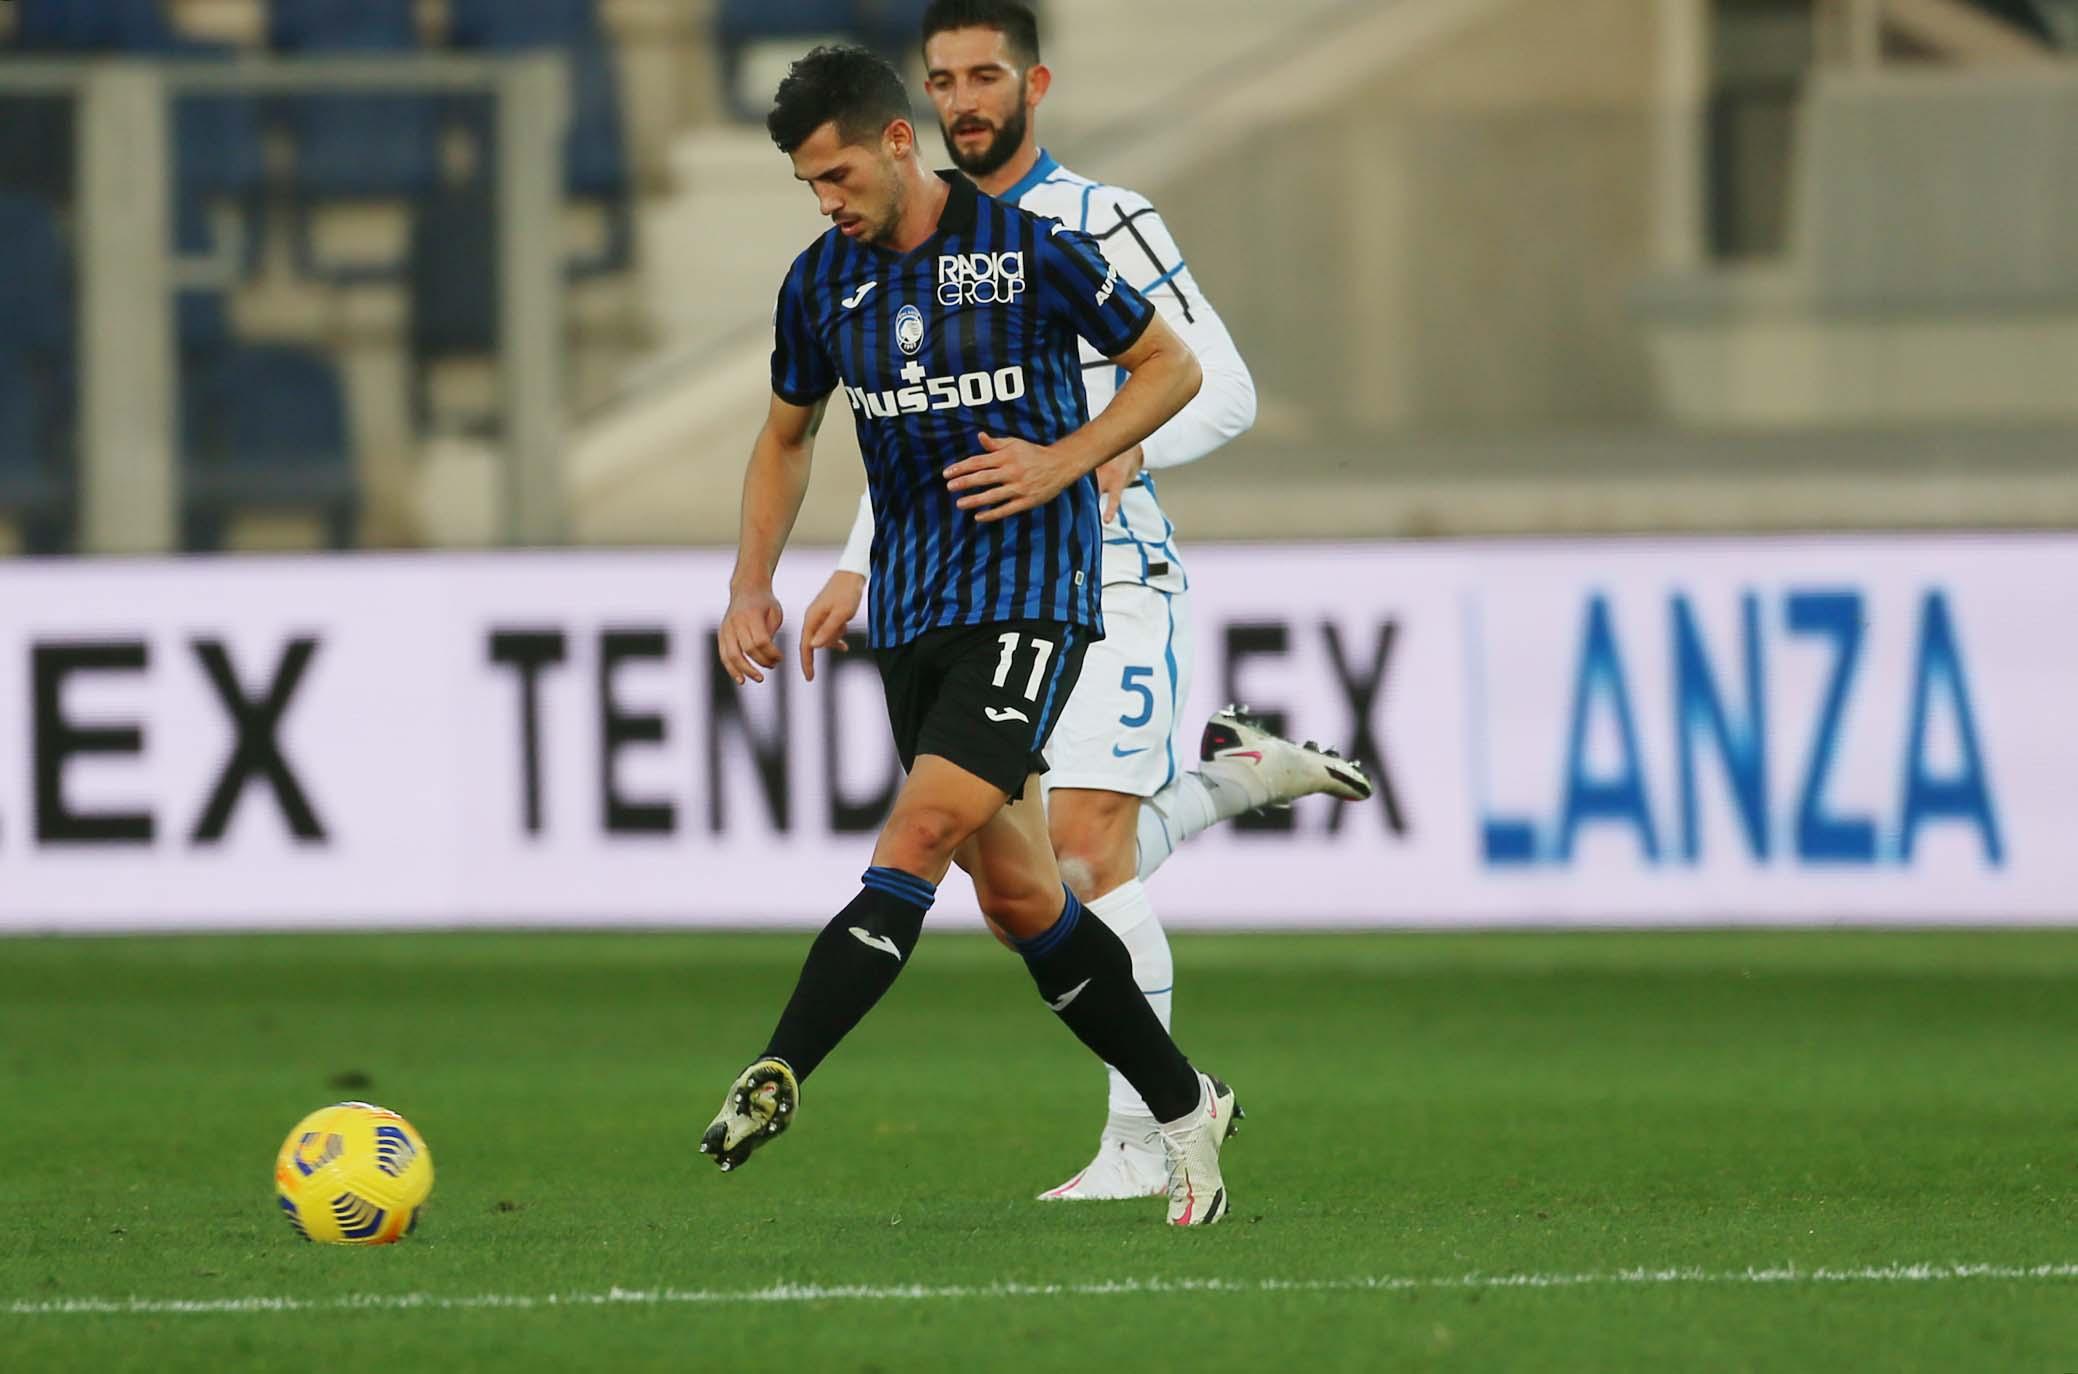 Mattina di lavoro per l'Atalanta: sabato c'è lo Spezia - Calcio Atalanta